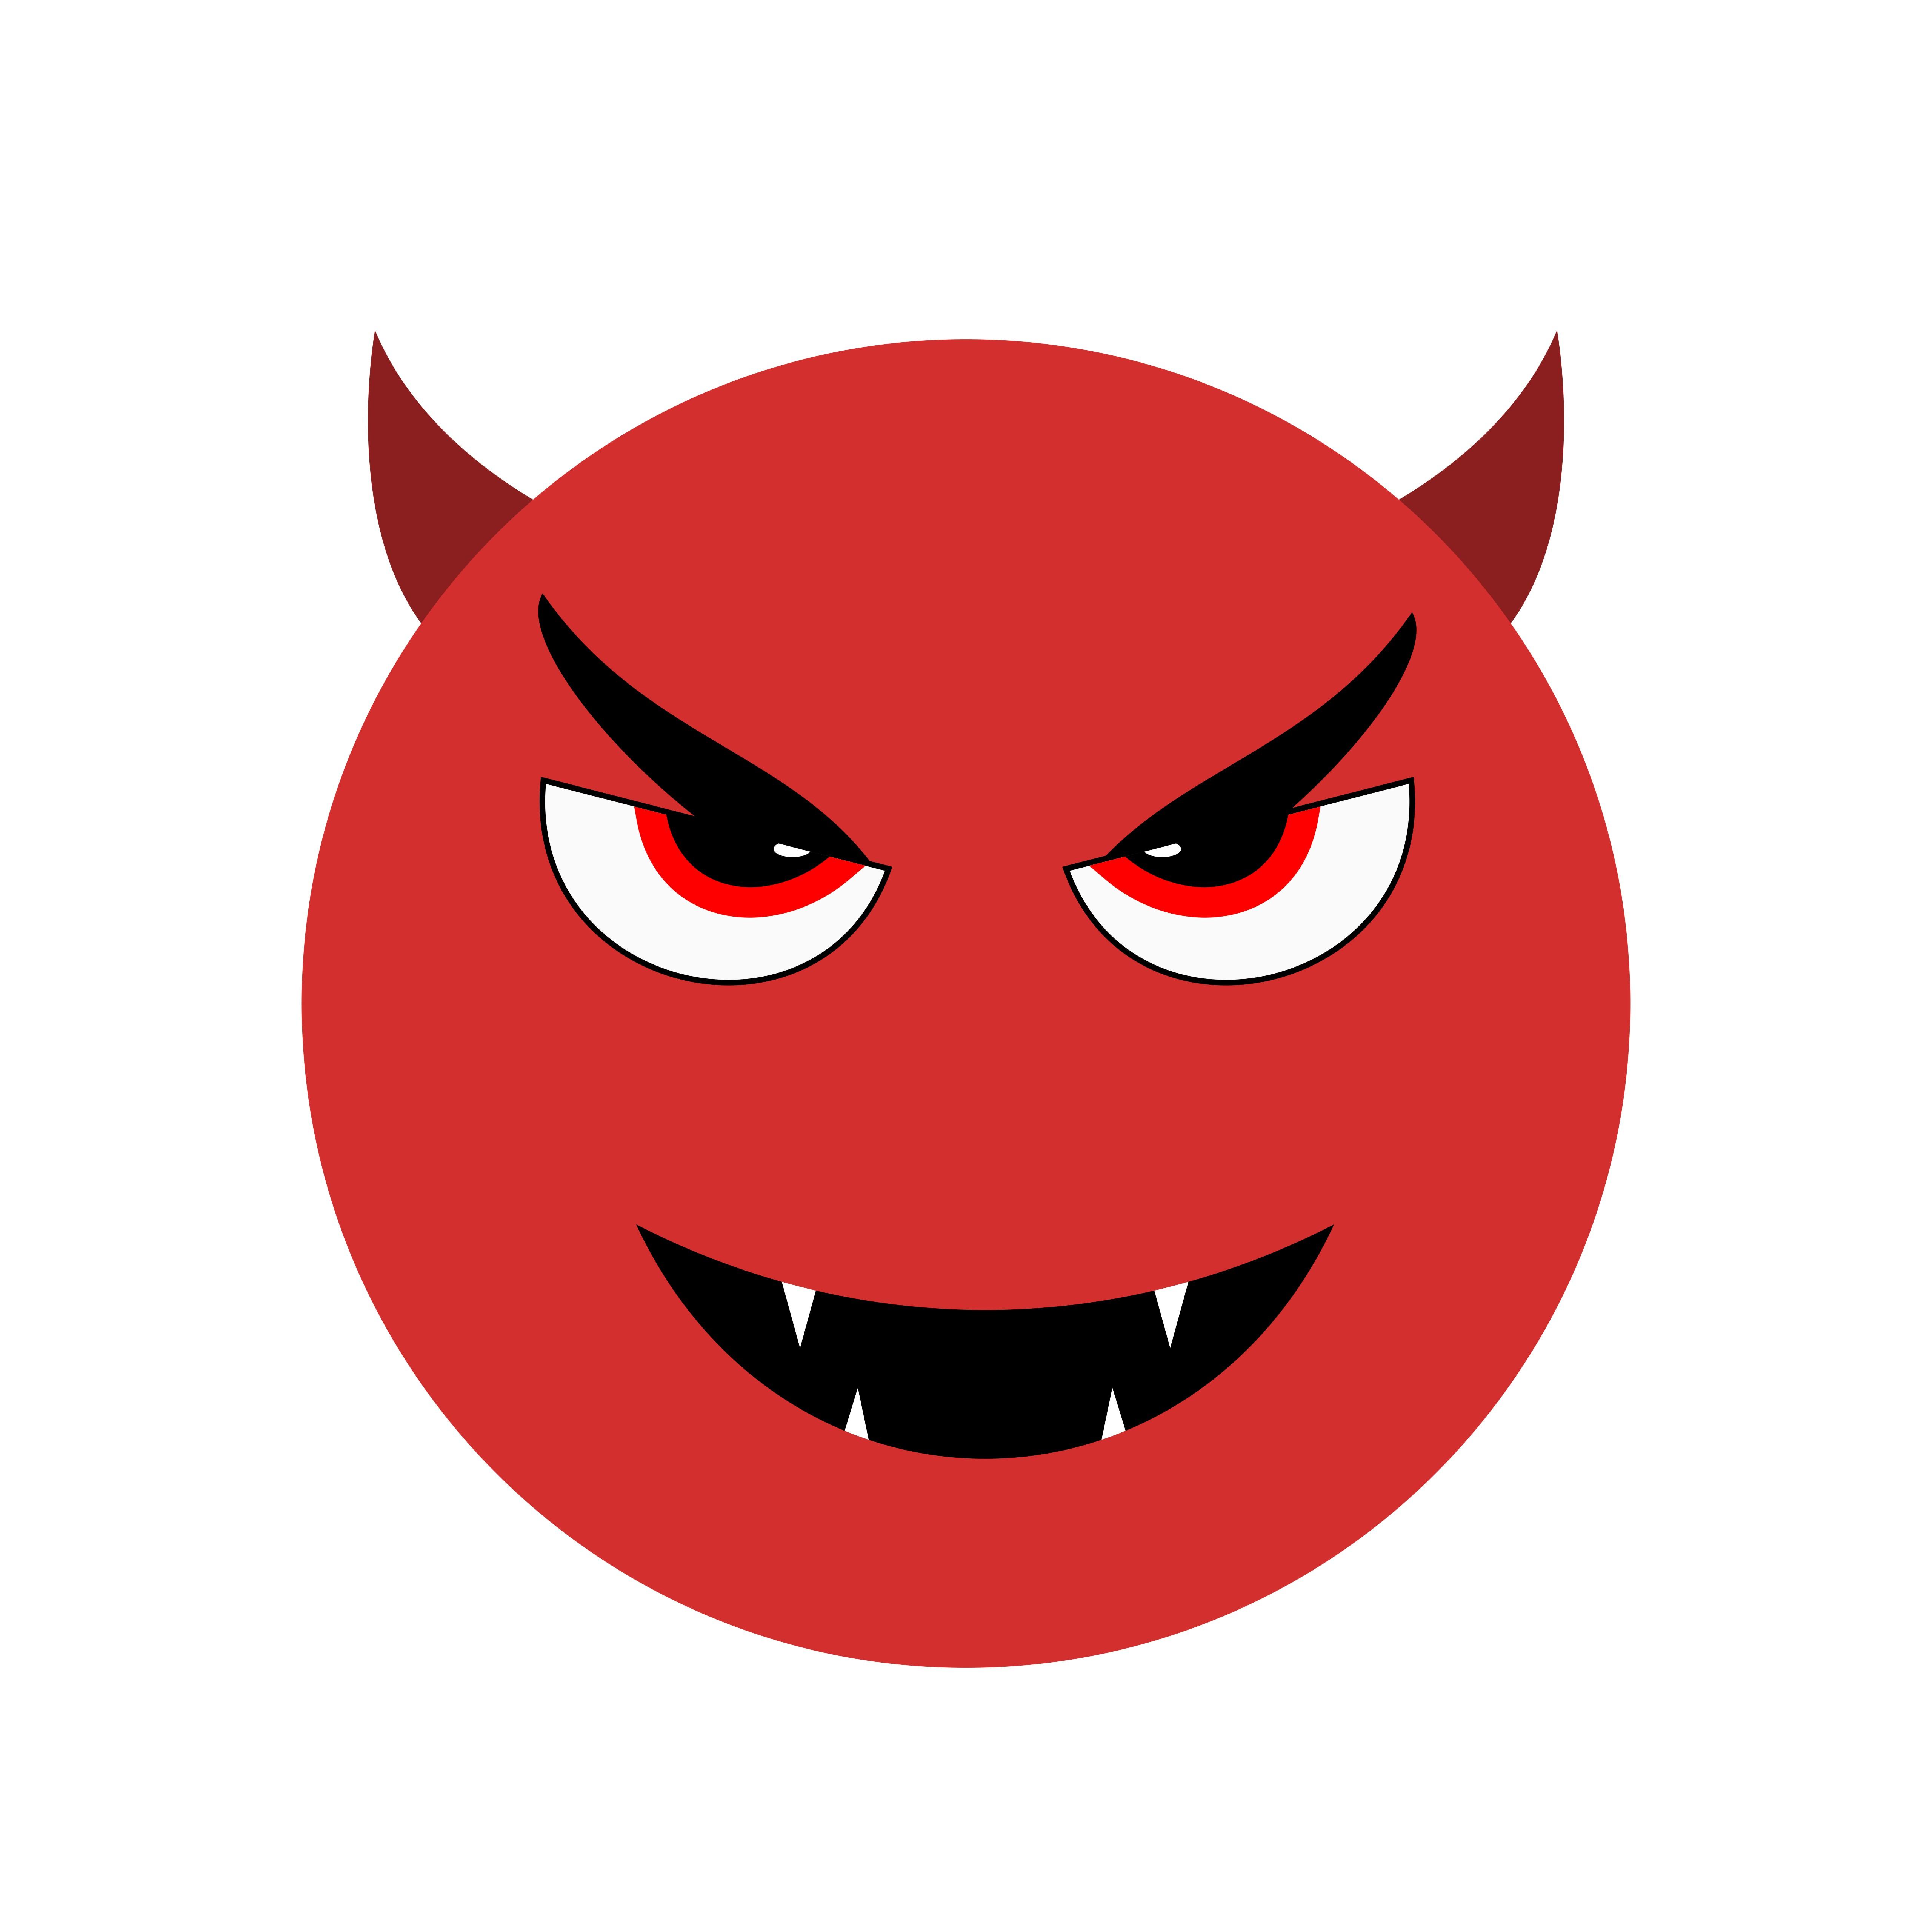 Teufelchen Emoji